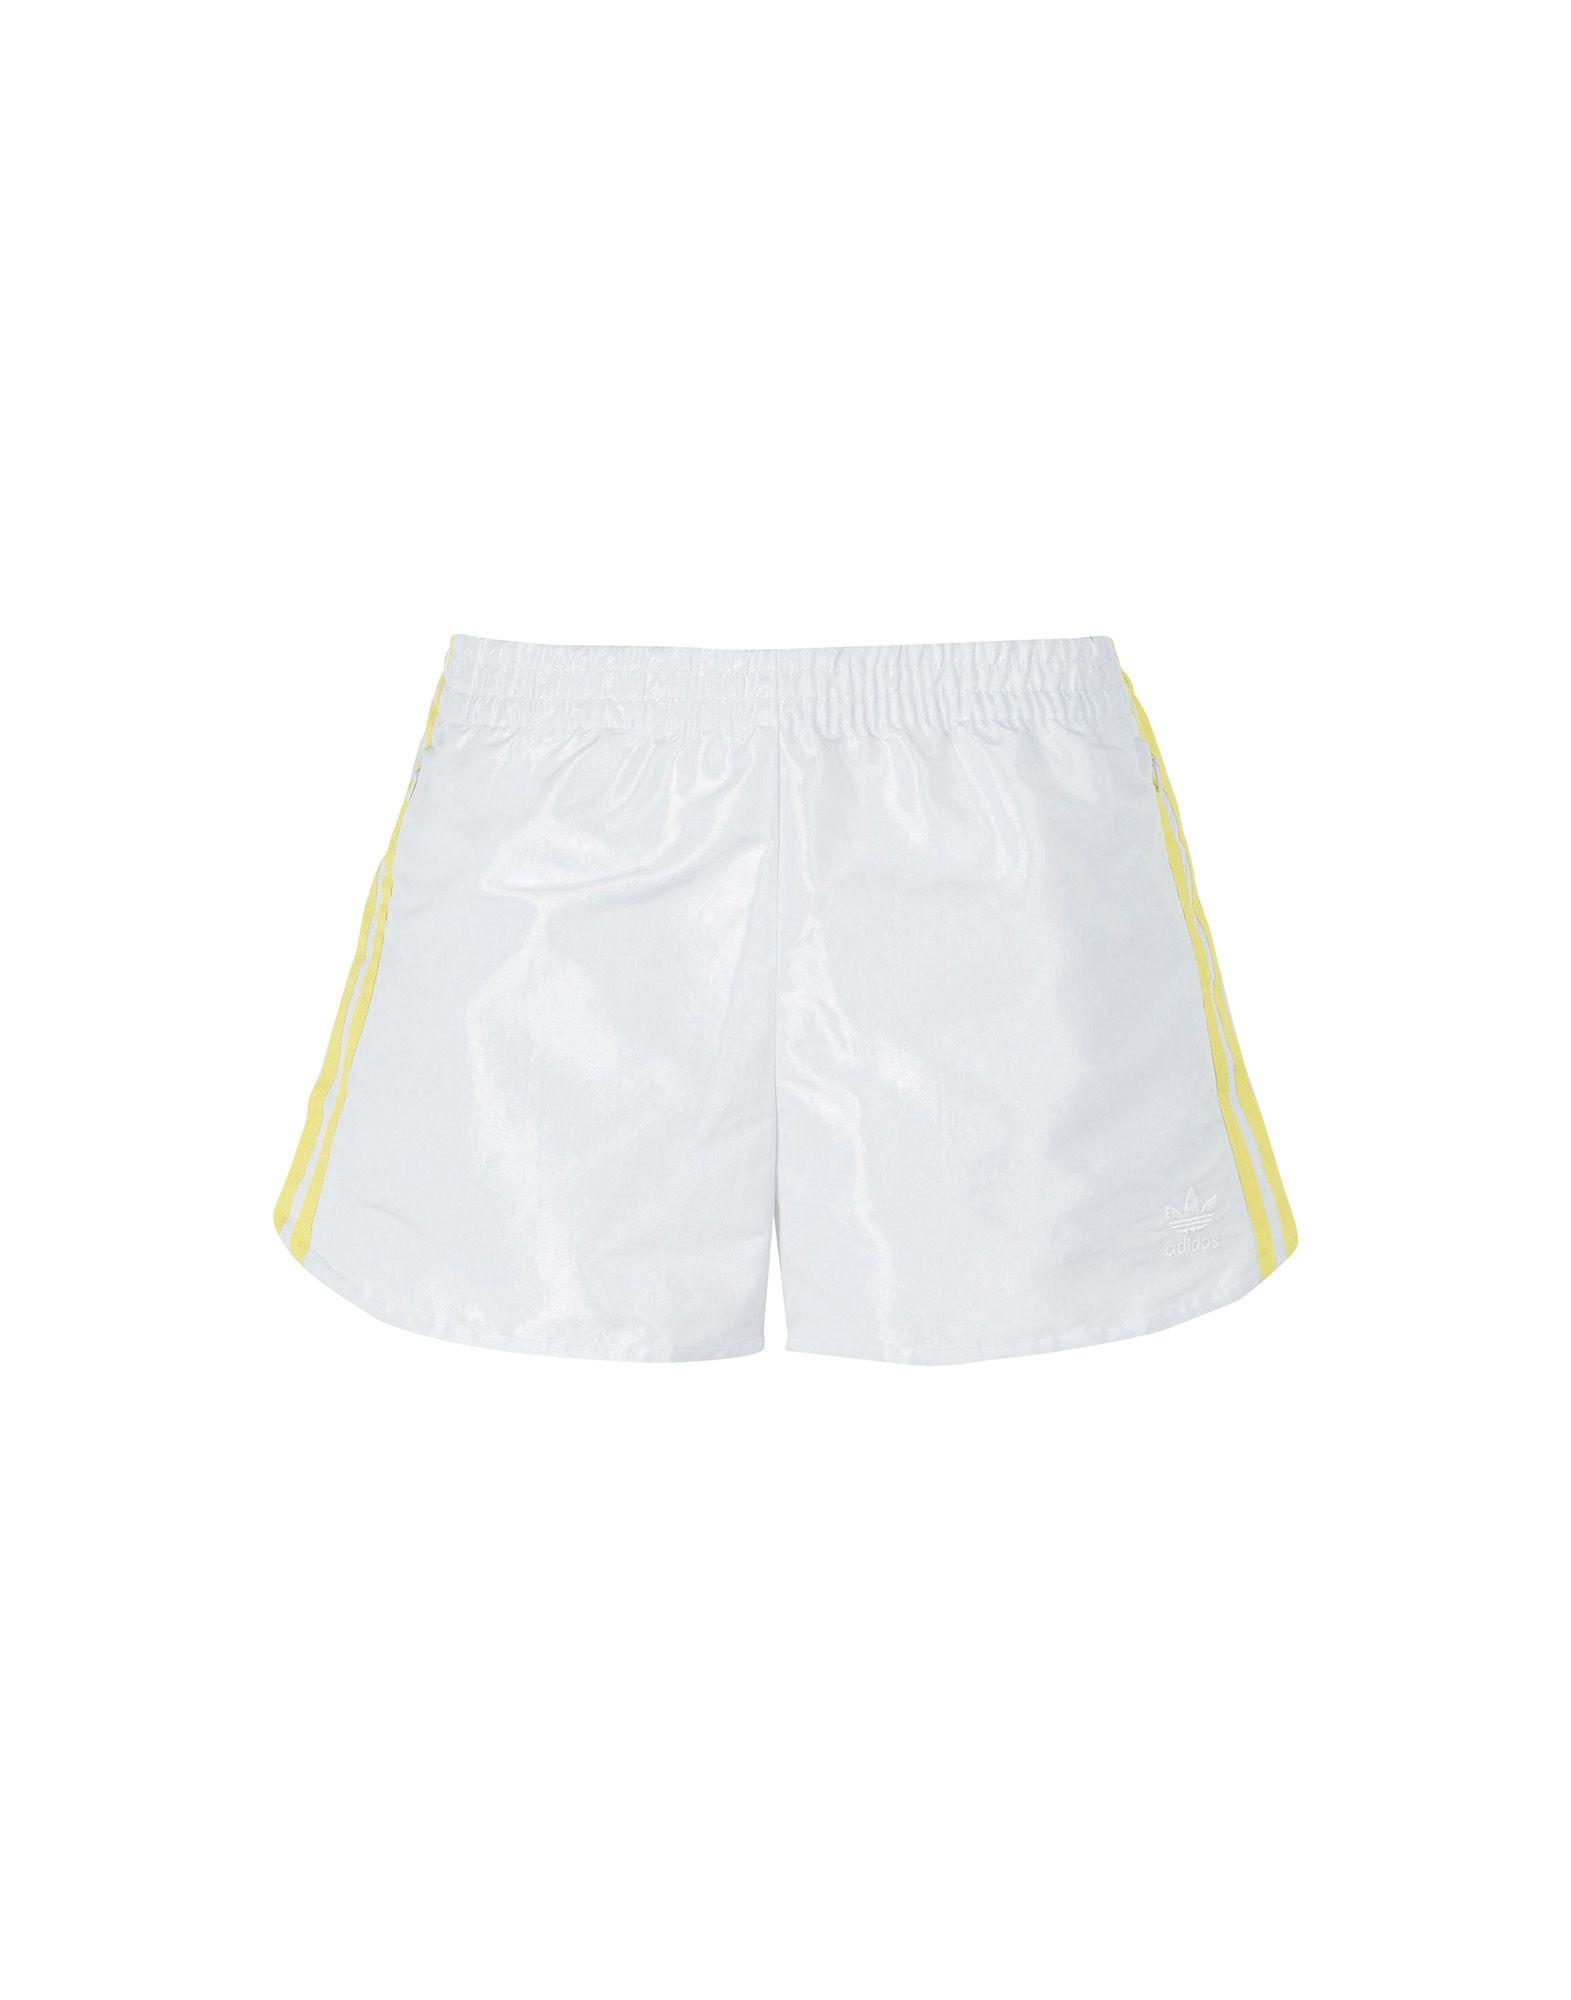 6dbb0dec373 Σορτς Και Αθλητικές Φούστες Adidas Originals Fsh L Short - Γυναίκα - Σορτς  Και Αθλητικές Φούστες Adidas Originals στο YOOX - 13174879DF